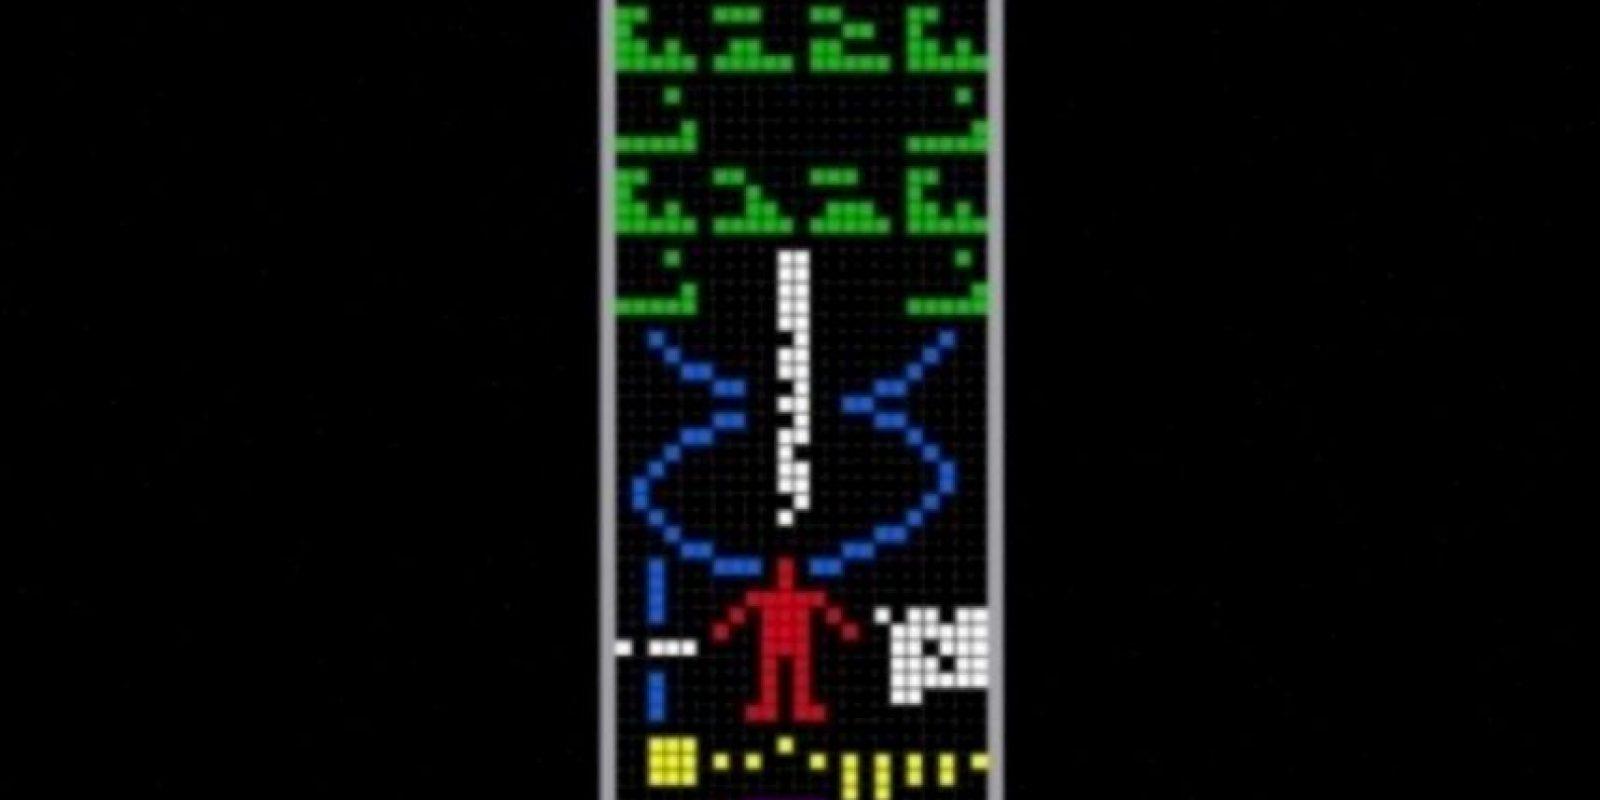 Se envió el 16 de noviembre de 1974. Fue dirigido al cúmulo de estrellas llamado M13, a una distancia de 25 mil años luz Foto:Wikimedia.org